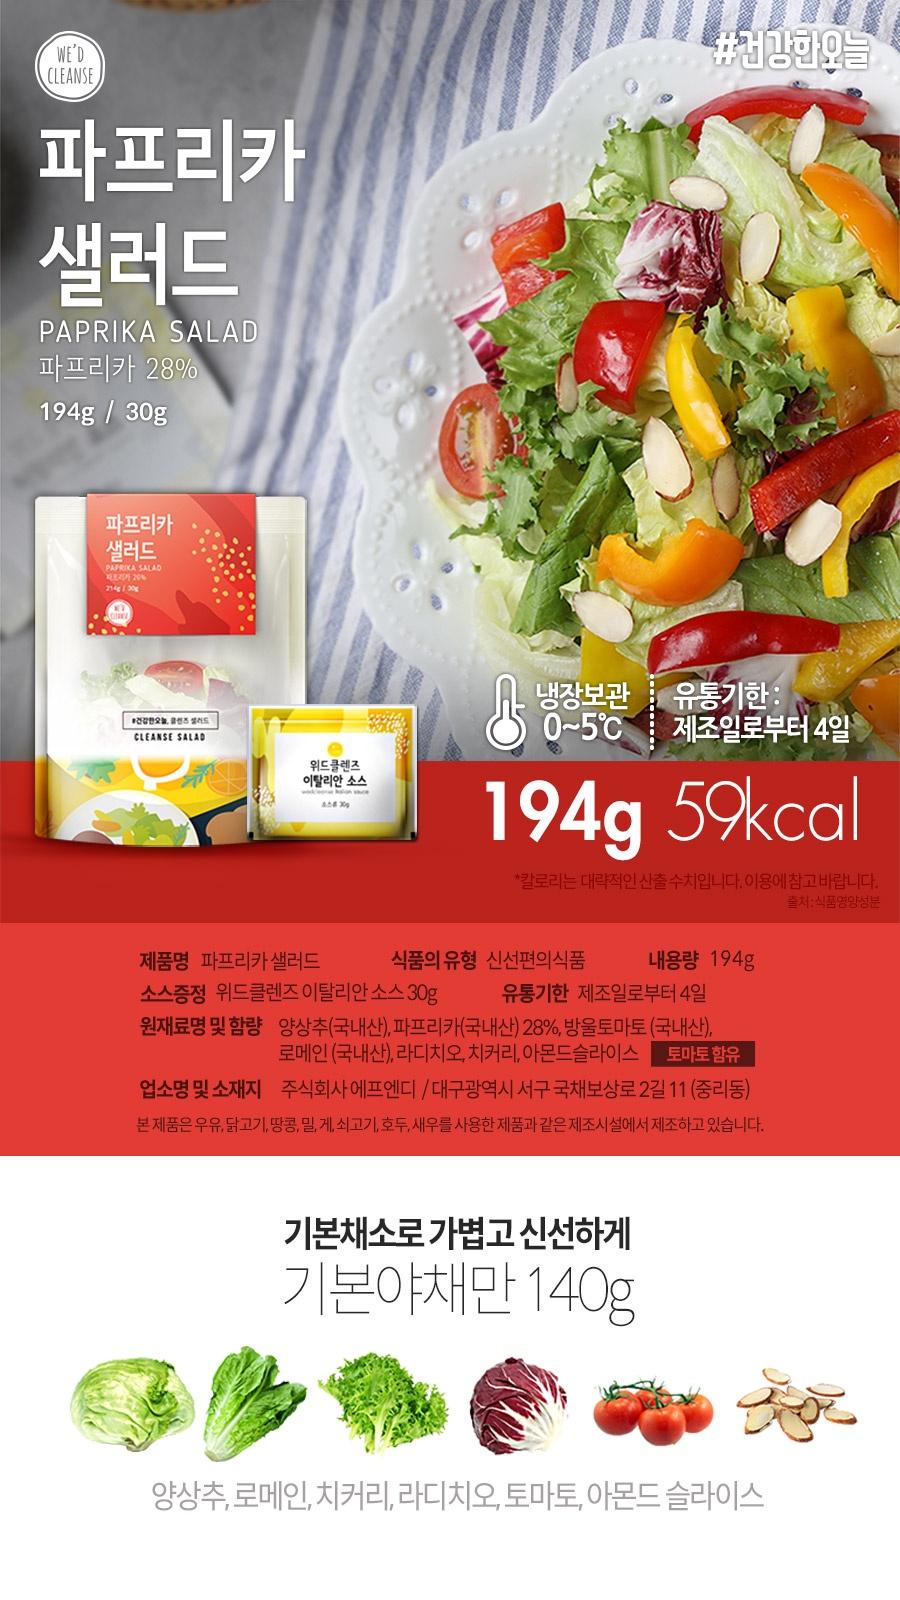 위드 클렌즈 샐러드 체험단 모집 (05.24~06.02)